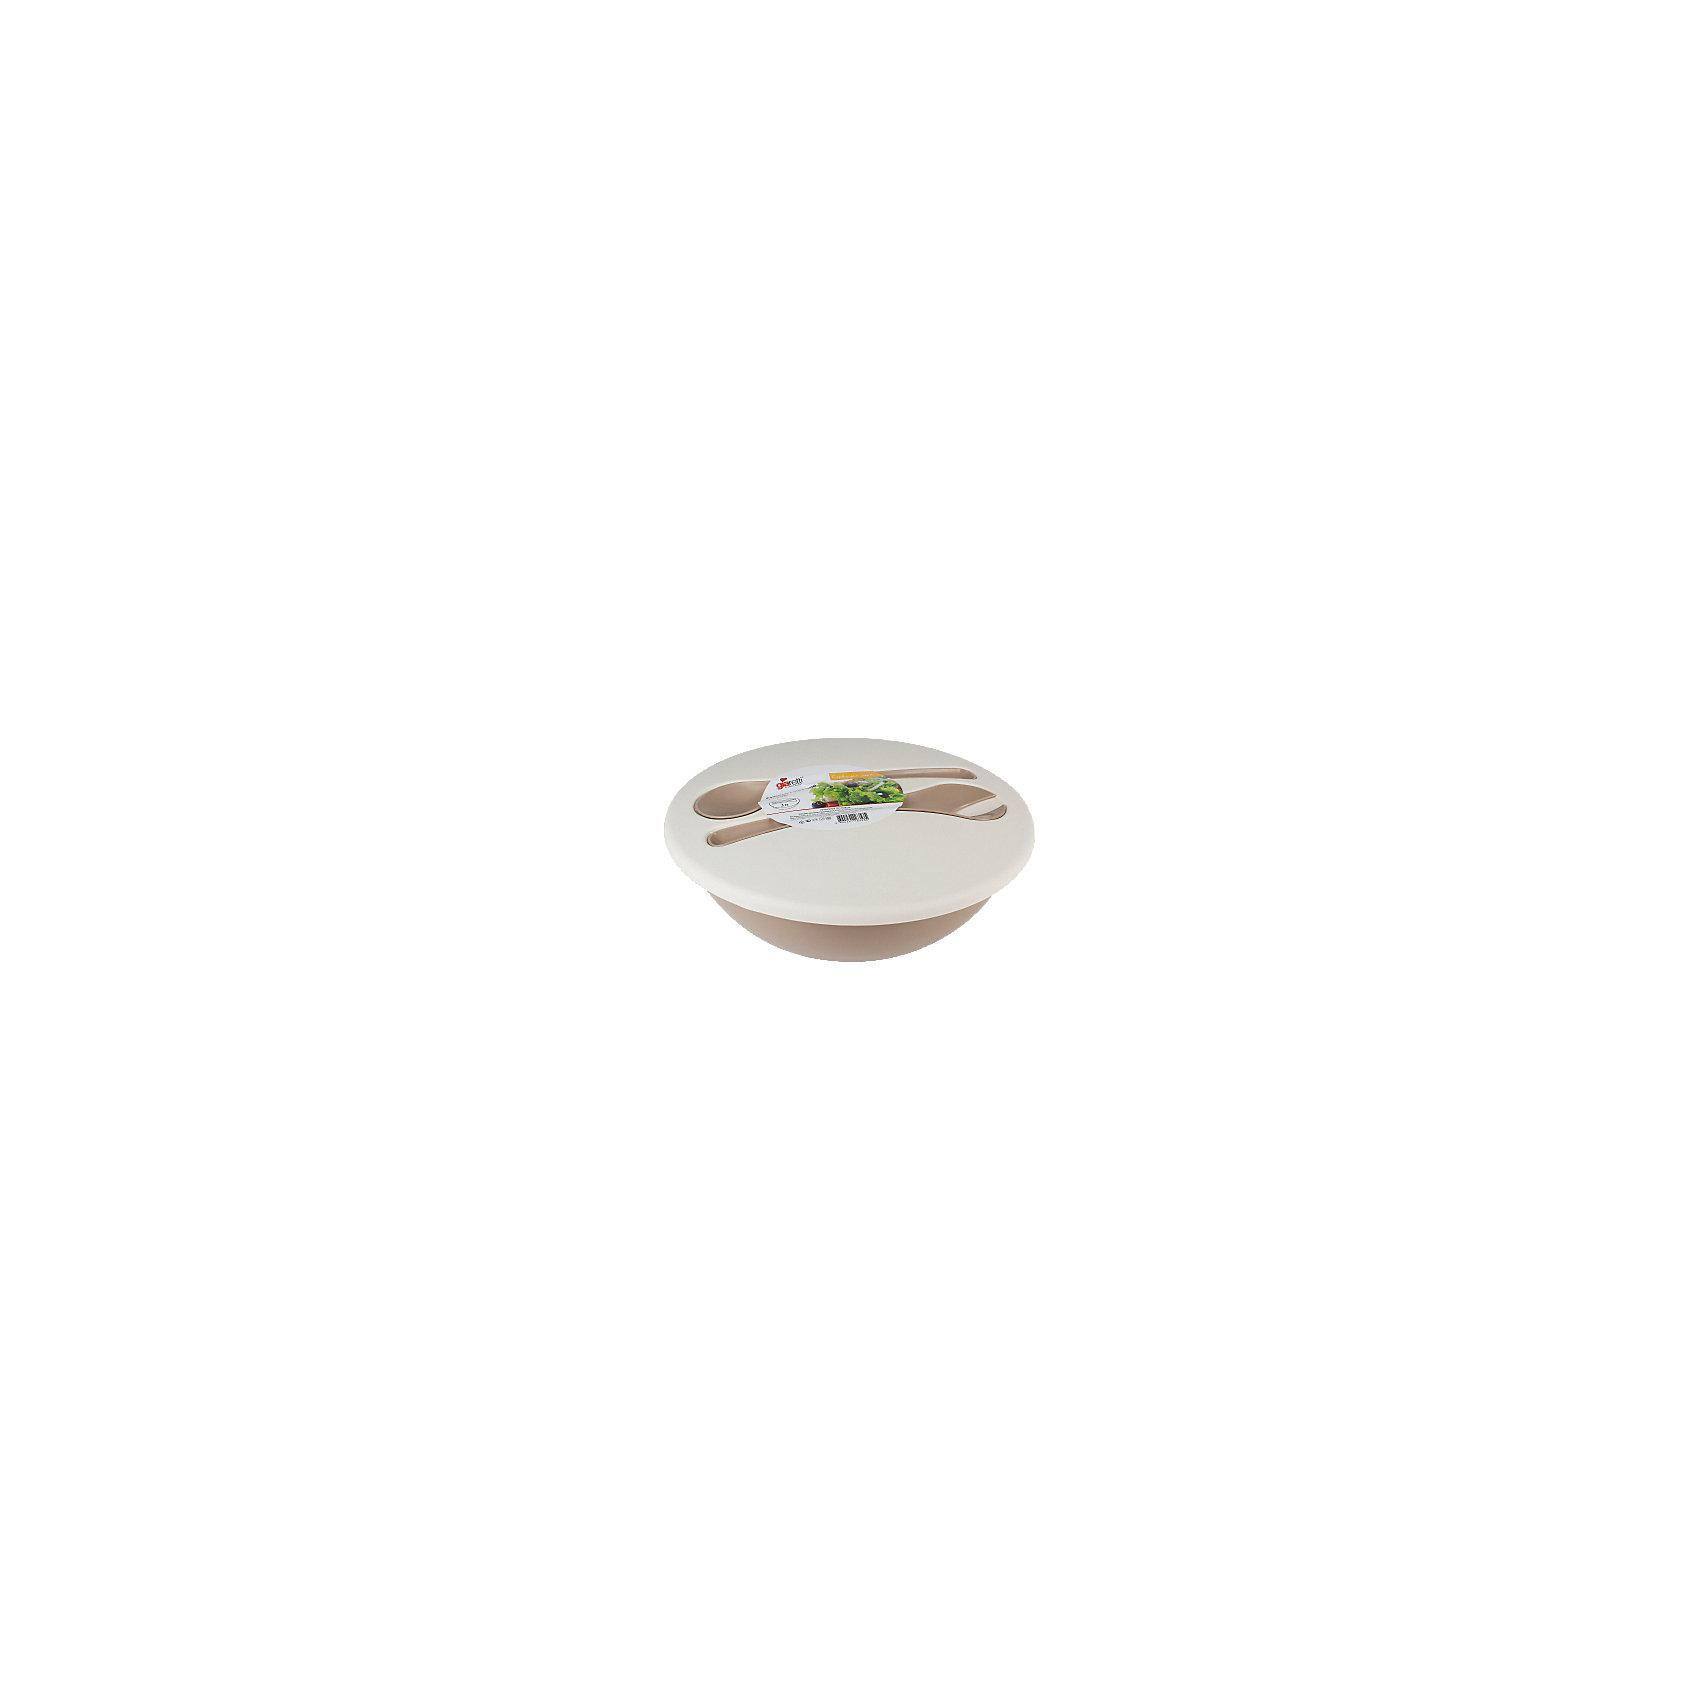 Салатник Dolche 3 л с крышкой и приборами, GiarettiПосуда<br>Наслаждайтесь Вашим свежим салатом, ведь в нашем новом салатнике готовить его одно удовольствие. Преимущества: стильный дизайн салатника украсит любой стол и дома, и на природе; с помощью приборов, входящих в комплектацию, Вы легко размешаете Ваш салат; оптимальный объем 3 л подойдет как для большой компании, так и для семейного обеда; плотная крышка сохранит свежесть Ваших блюд. Приборы плотно крепятся на крышку, Вы не потеряете их во время хранения и переноски.<br><br>Ширина мм: 295<br>Глубина мм: 280<br>Высота мм: 110<br>Вес г: 241<br>Возраст от месяцев: 216<br>Возраст до месяцев: 1188<br>Пол: Унисекс<br>Возраст: Детский<br>SKU: 5545620